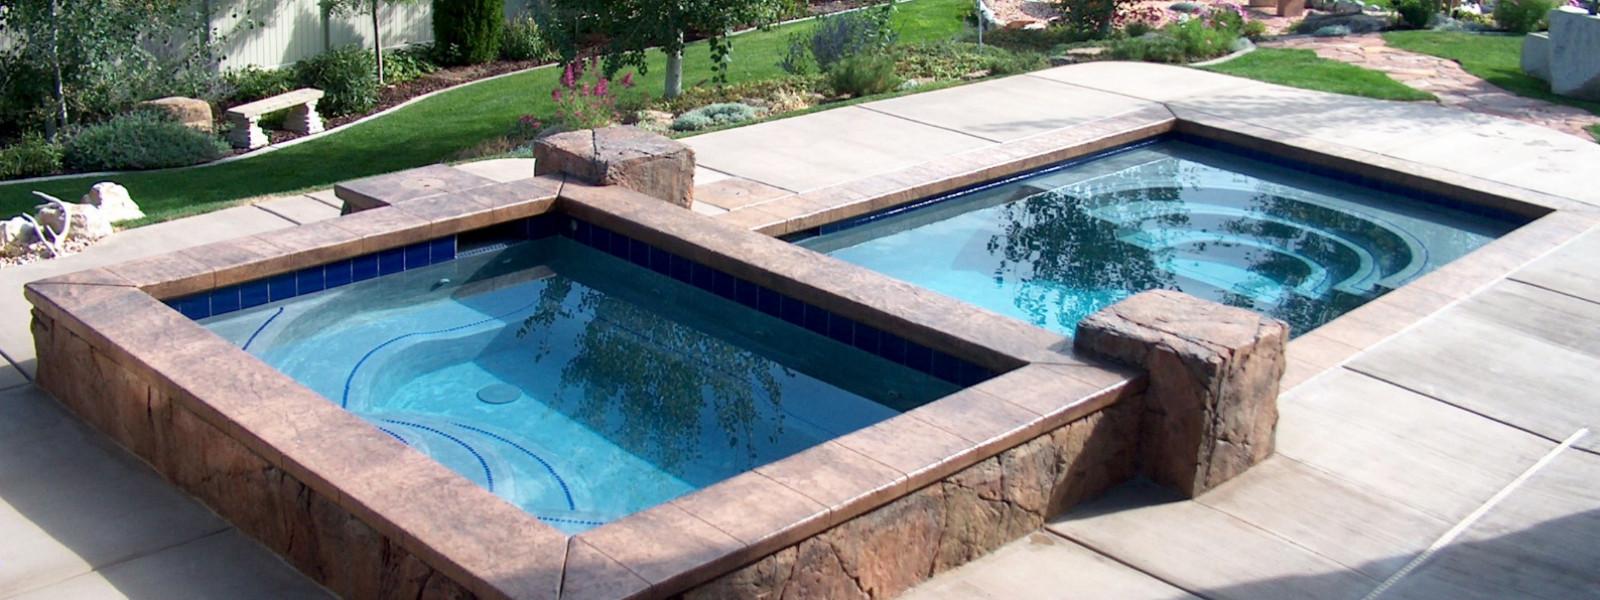 Hot Tubs | Utah | Crystal Pools & Spas